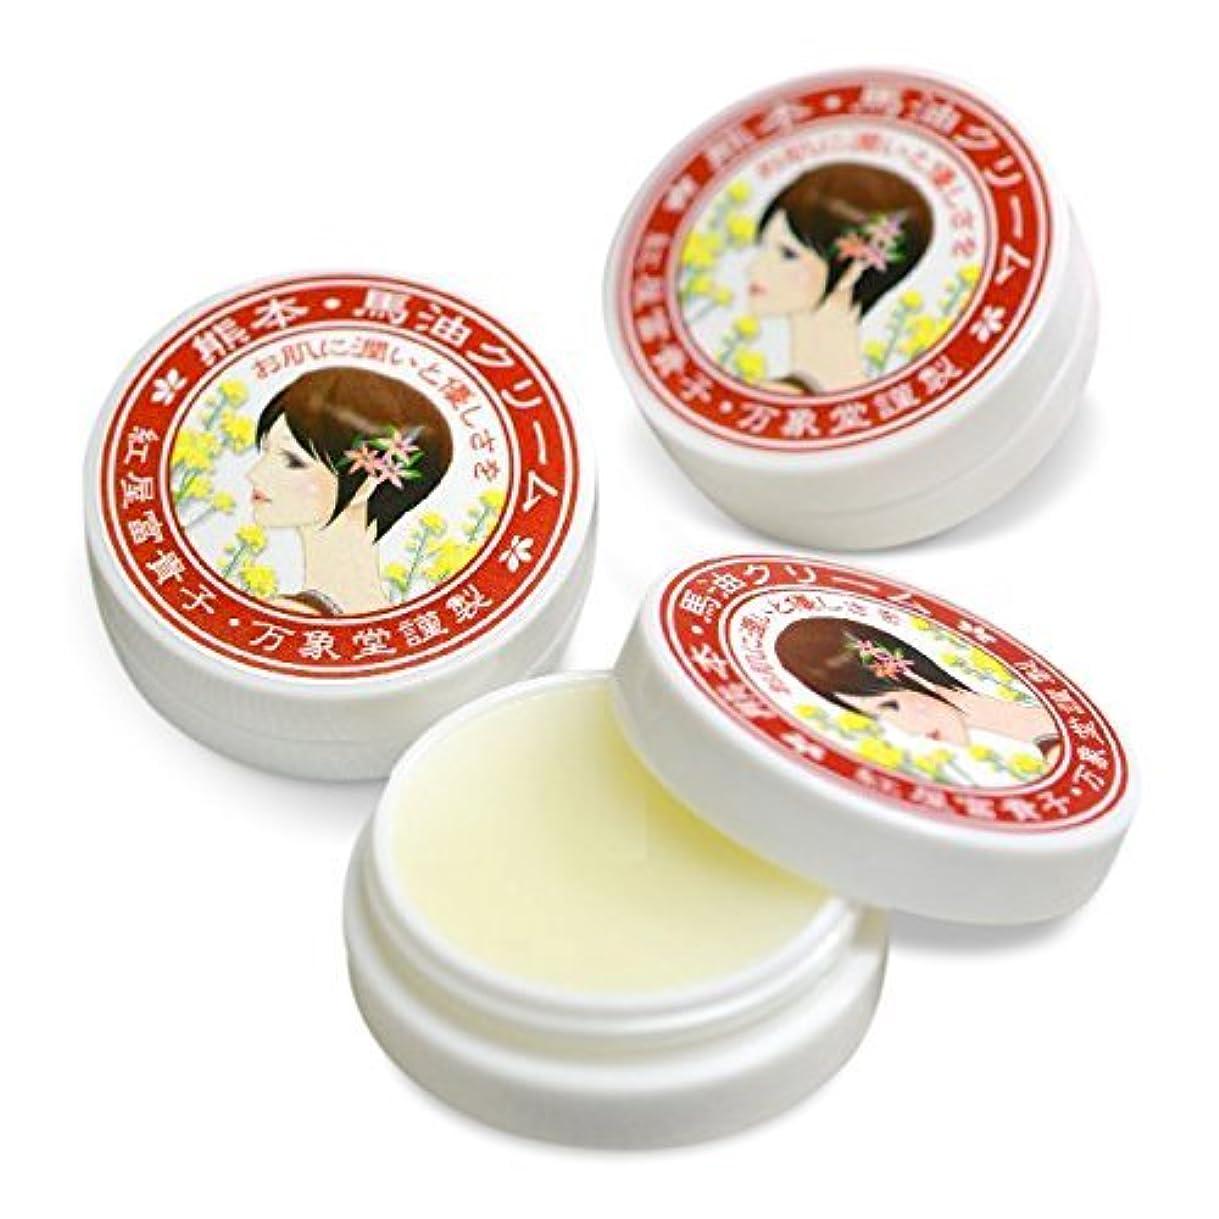 二次政治的降雨森羅万象堂 馬油クリーム 10g×3個 (ラベンダーの香り)精油 アロマ 国産 保湿 スキンクリーム